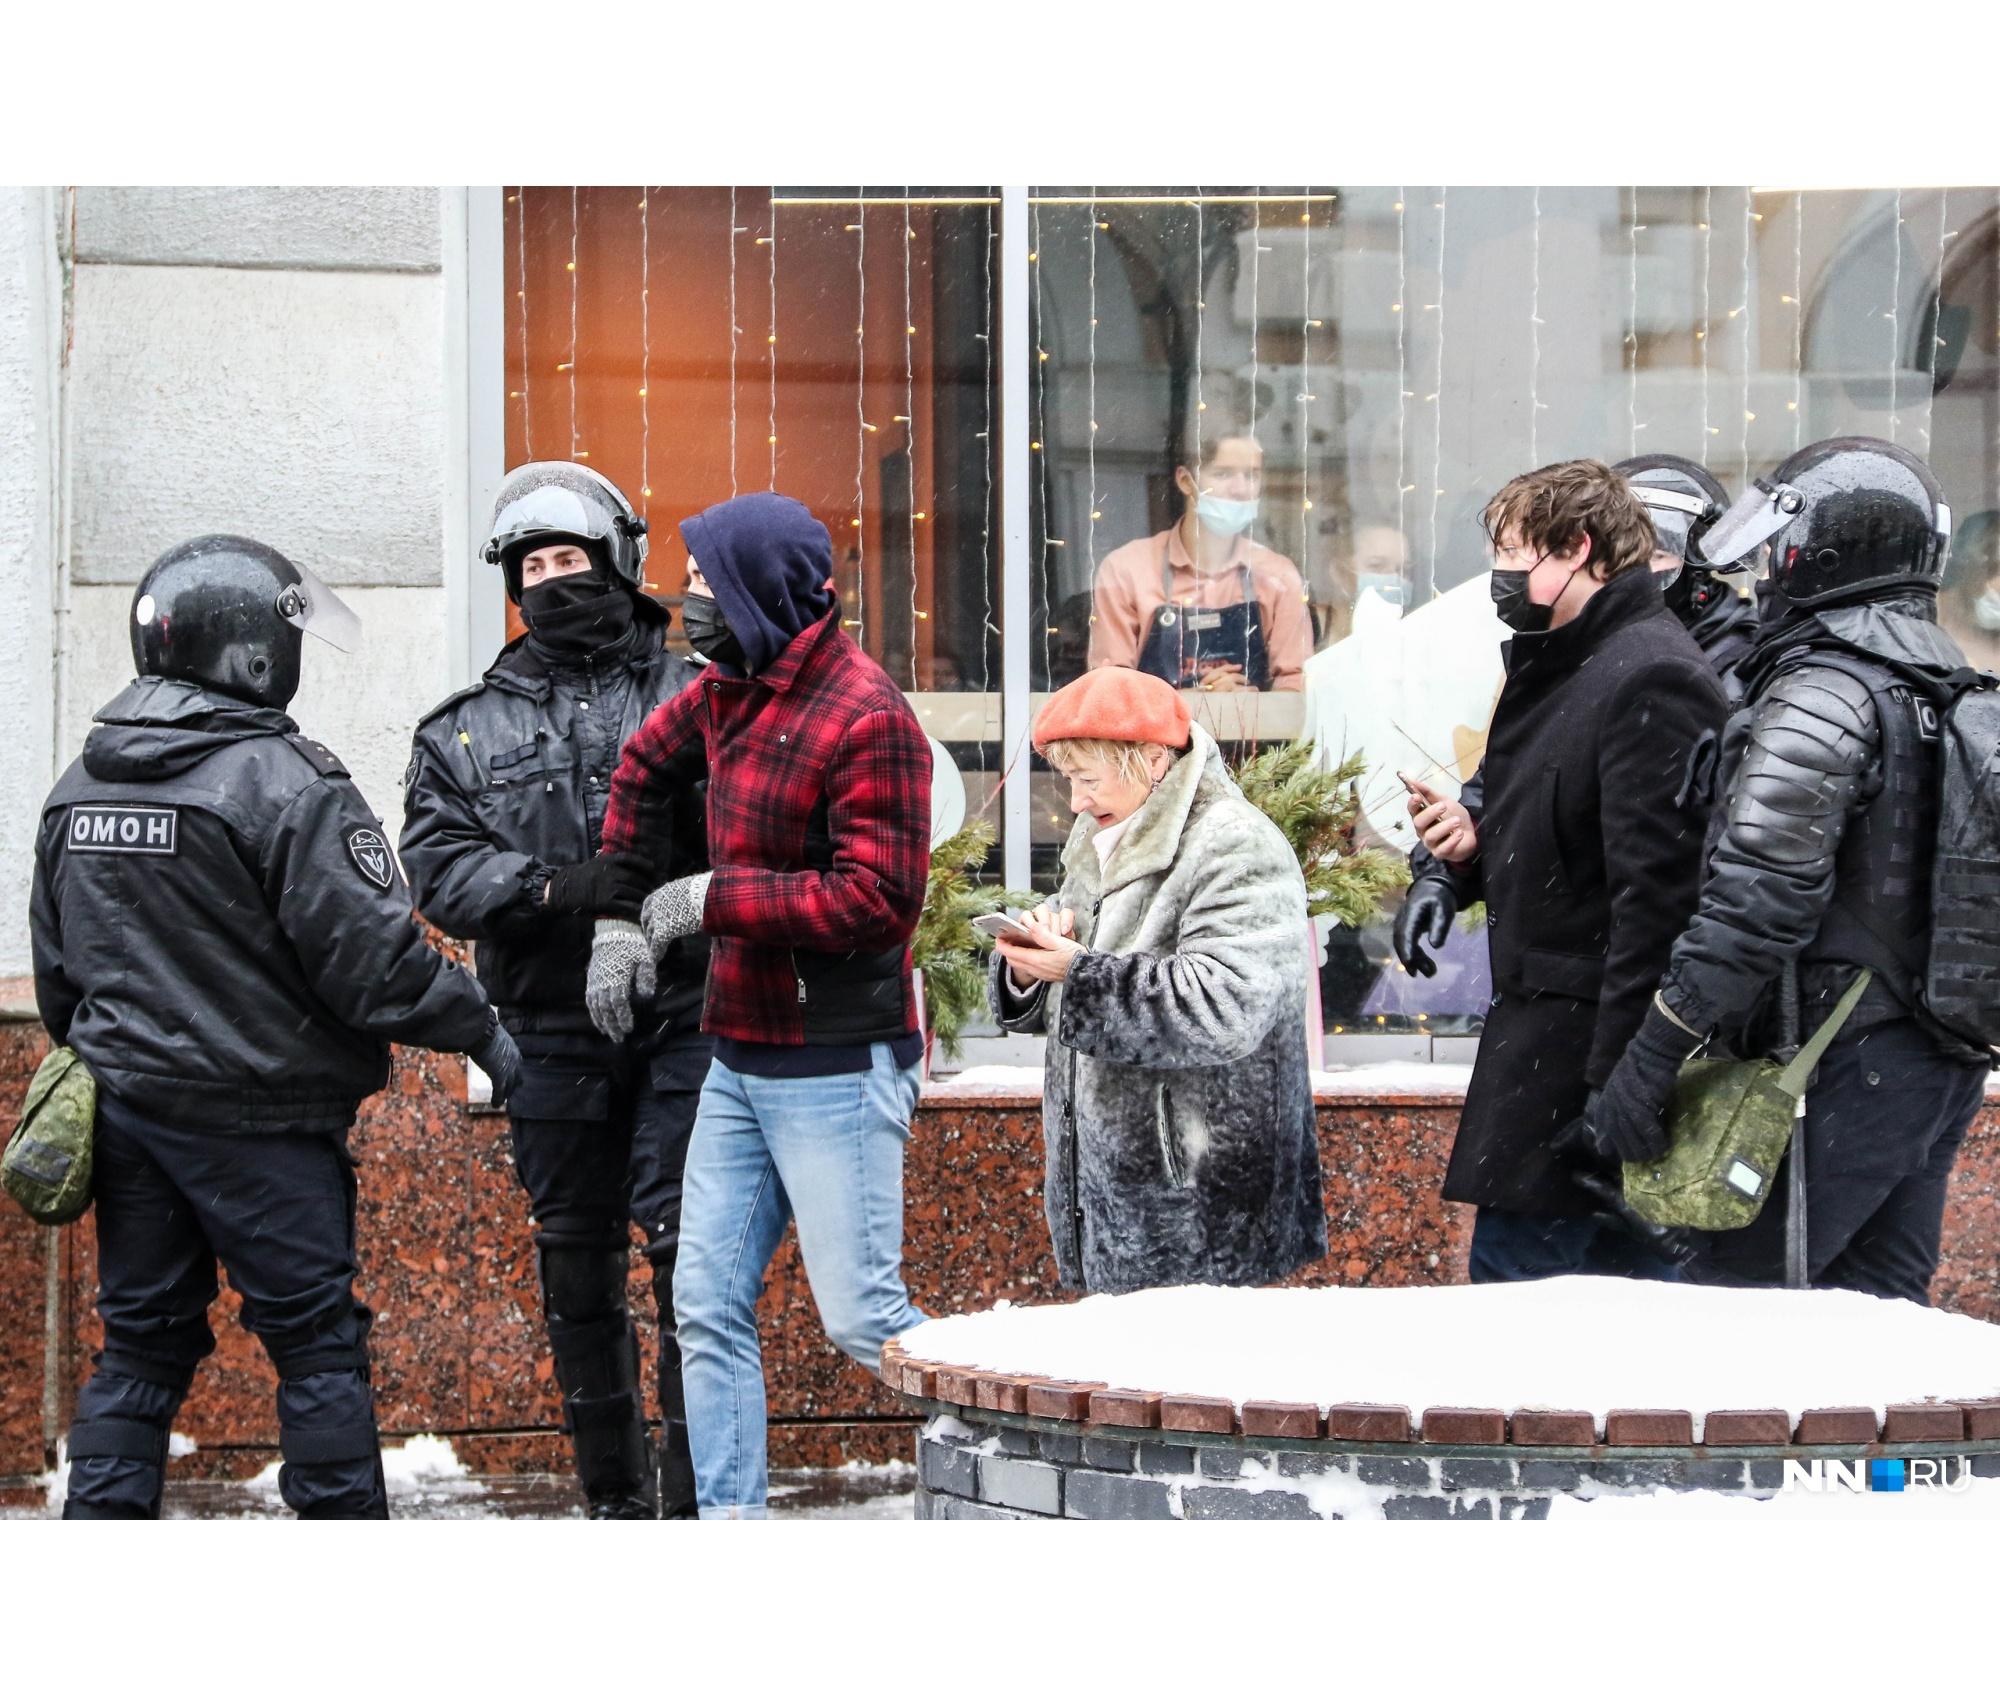 Шествие 31 января должно было пройти по главной пешеходной улице Нижнего Новгорода. В планы митингующих вмешались силовики